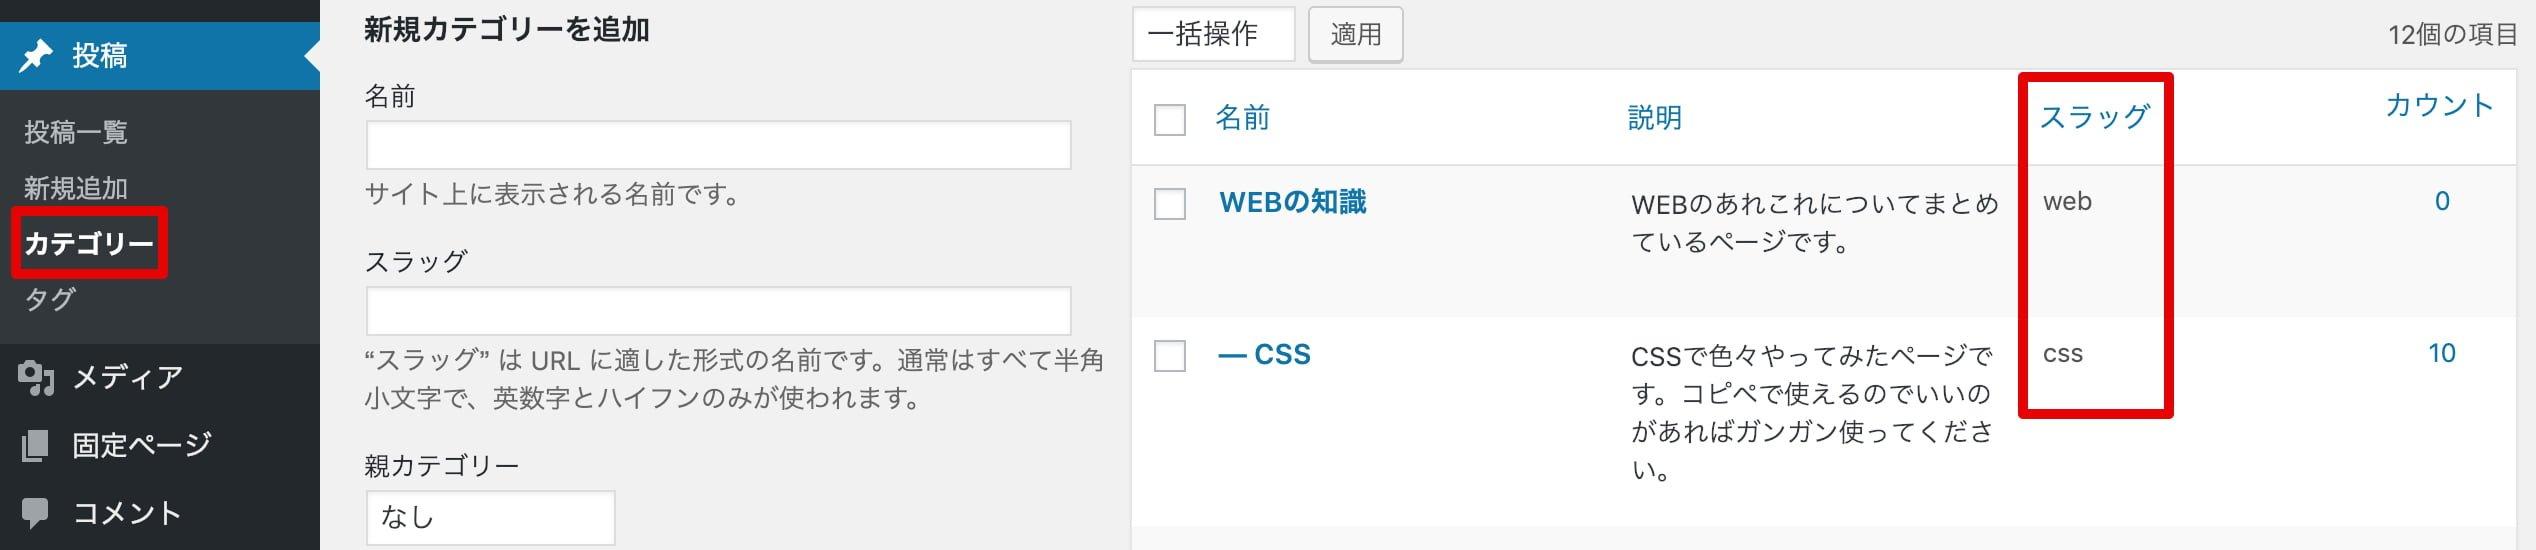 WordPressカテゴリースラッグ